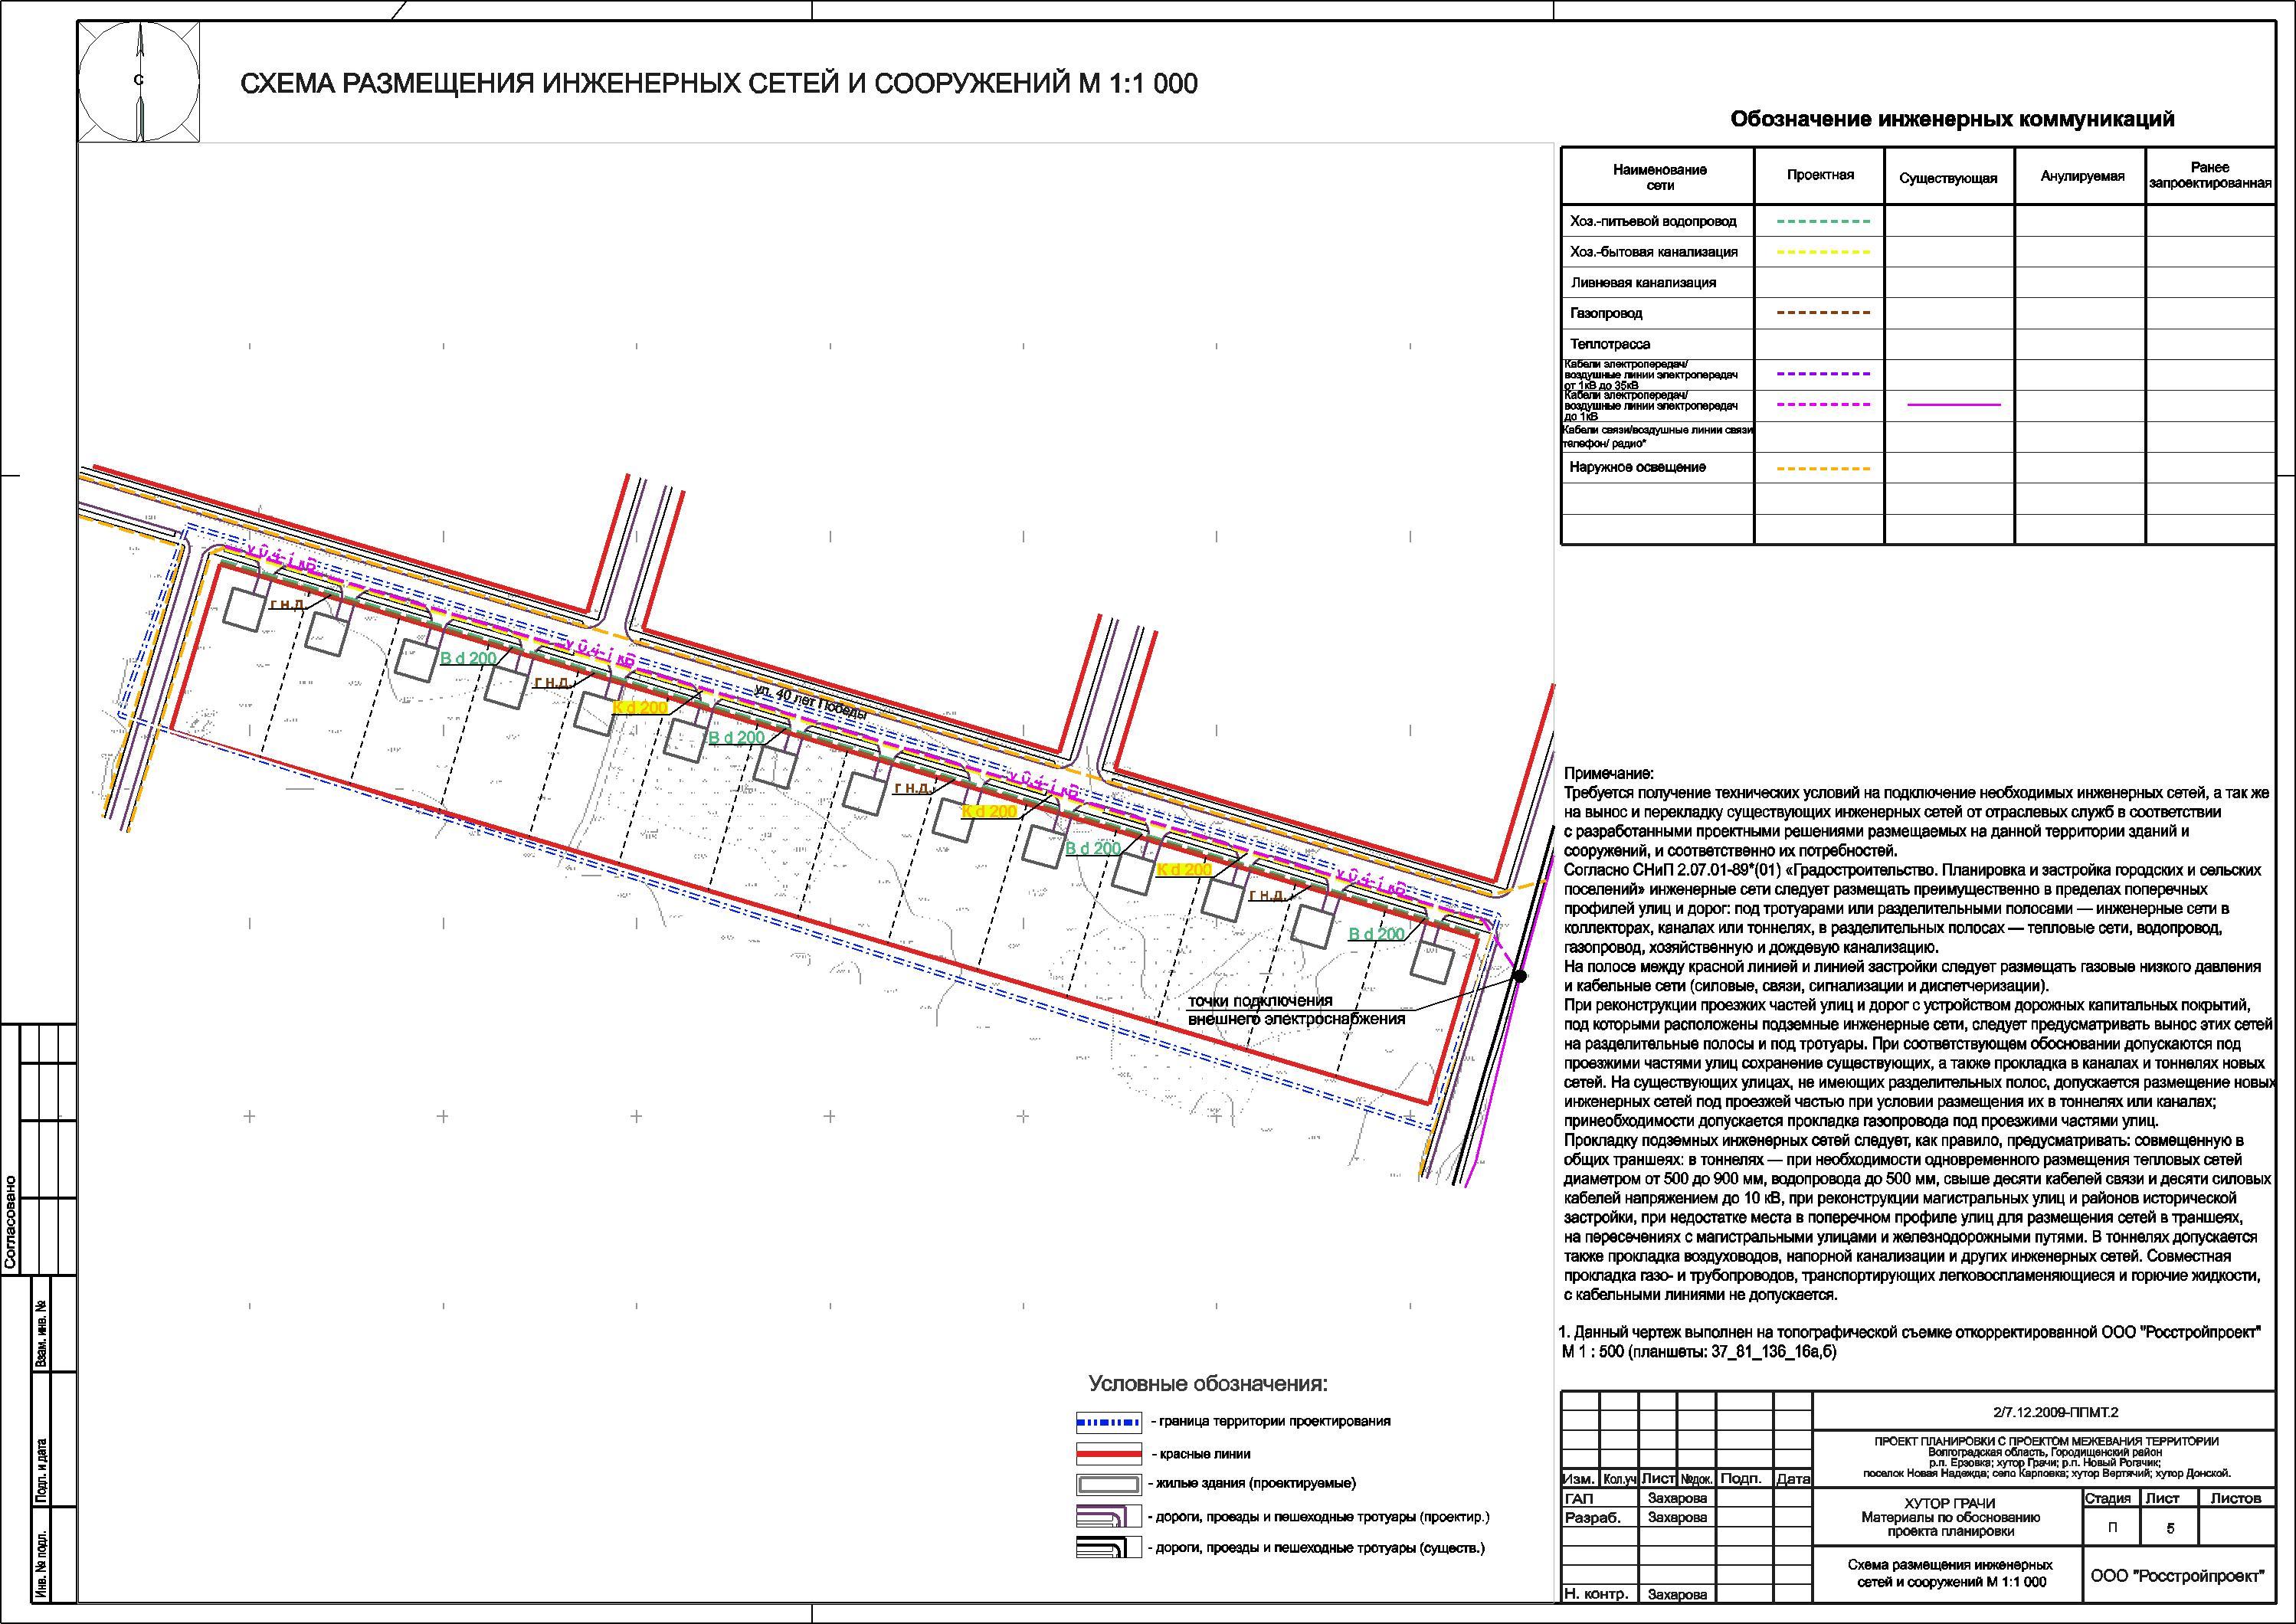 схема вертикальной планировки и инженерной подготовки